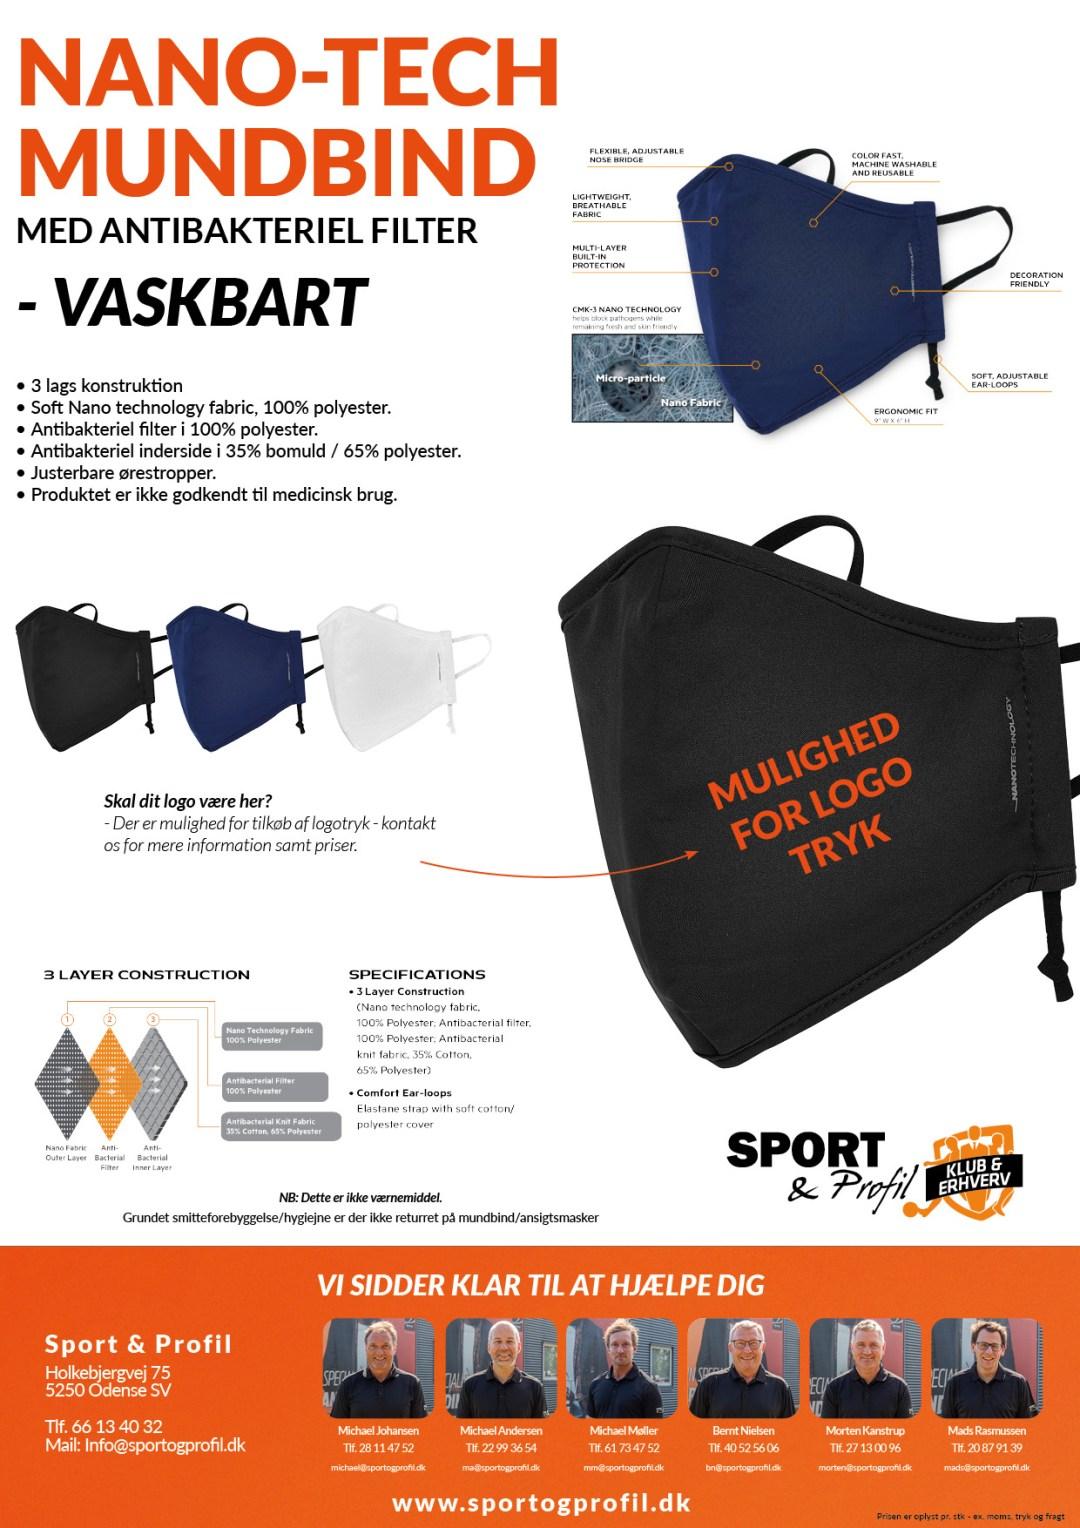 Vaskbart 3-lags mundbind med Nano-Tech polyester fra Sport & Profil